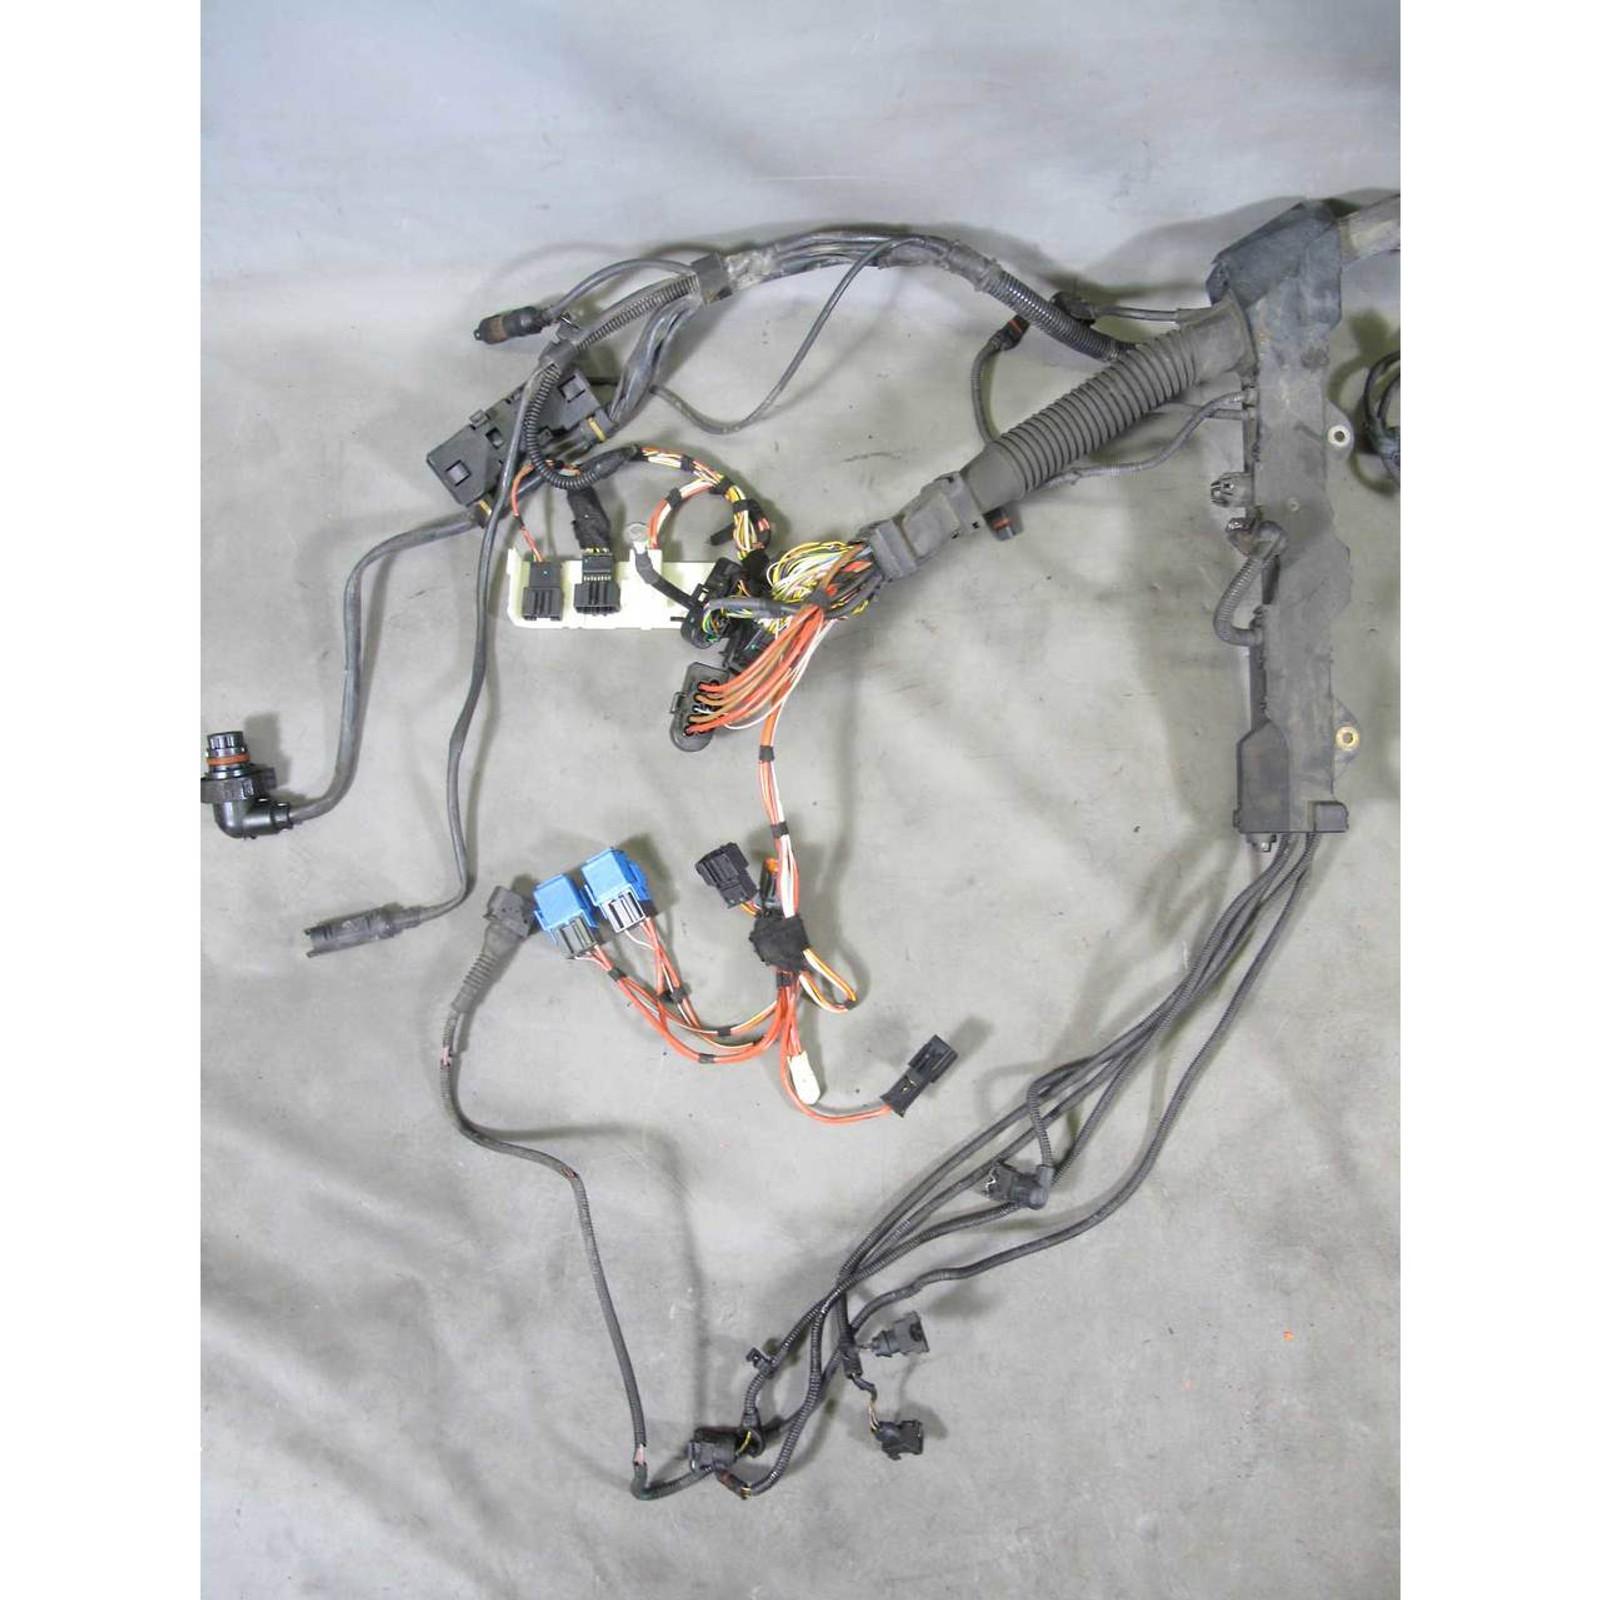 449 Bmw X5 Wiring Harness | Wiring ResourcesWiring Resources